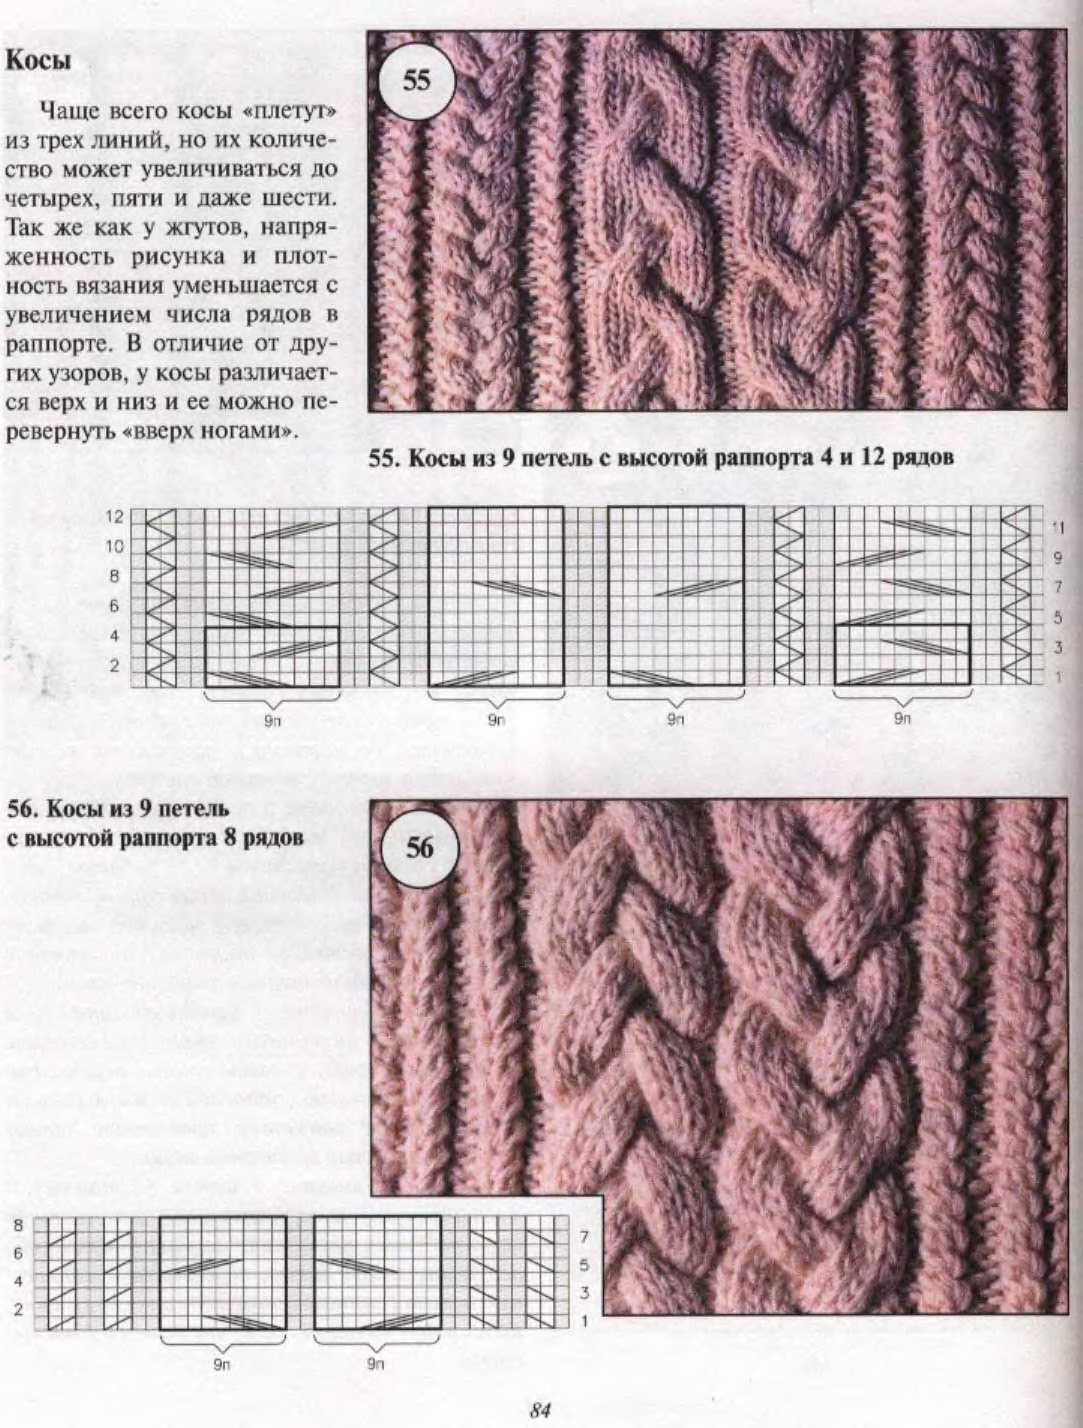 Схема вязания косы - подробная инструкция как вязать косы своими руками (135 фото и видео)